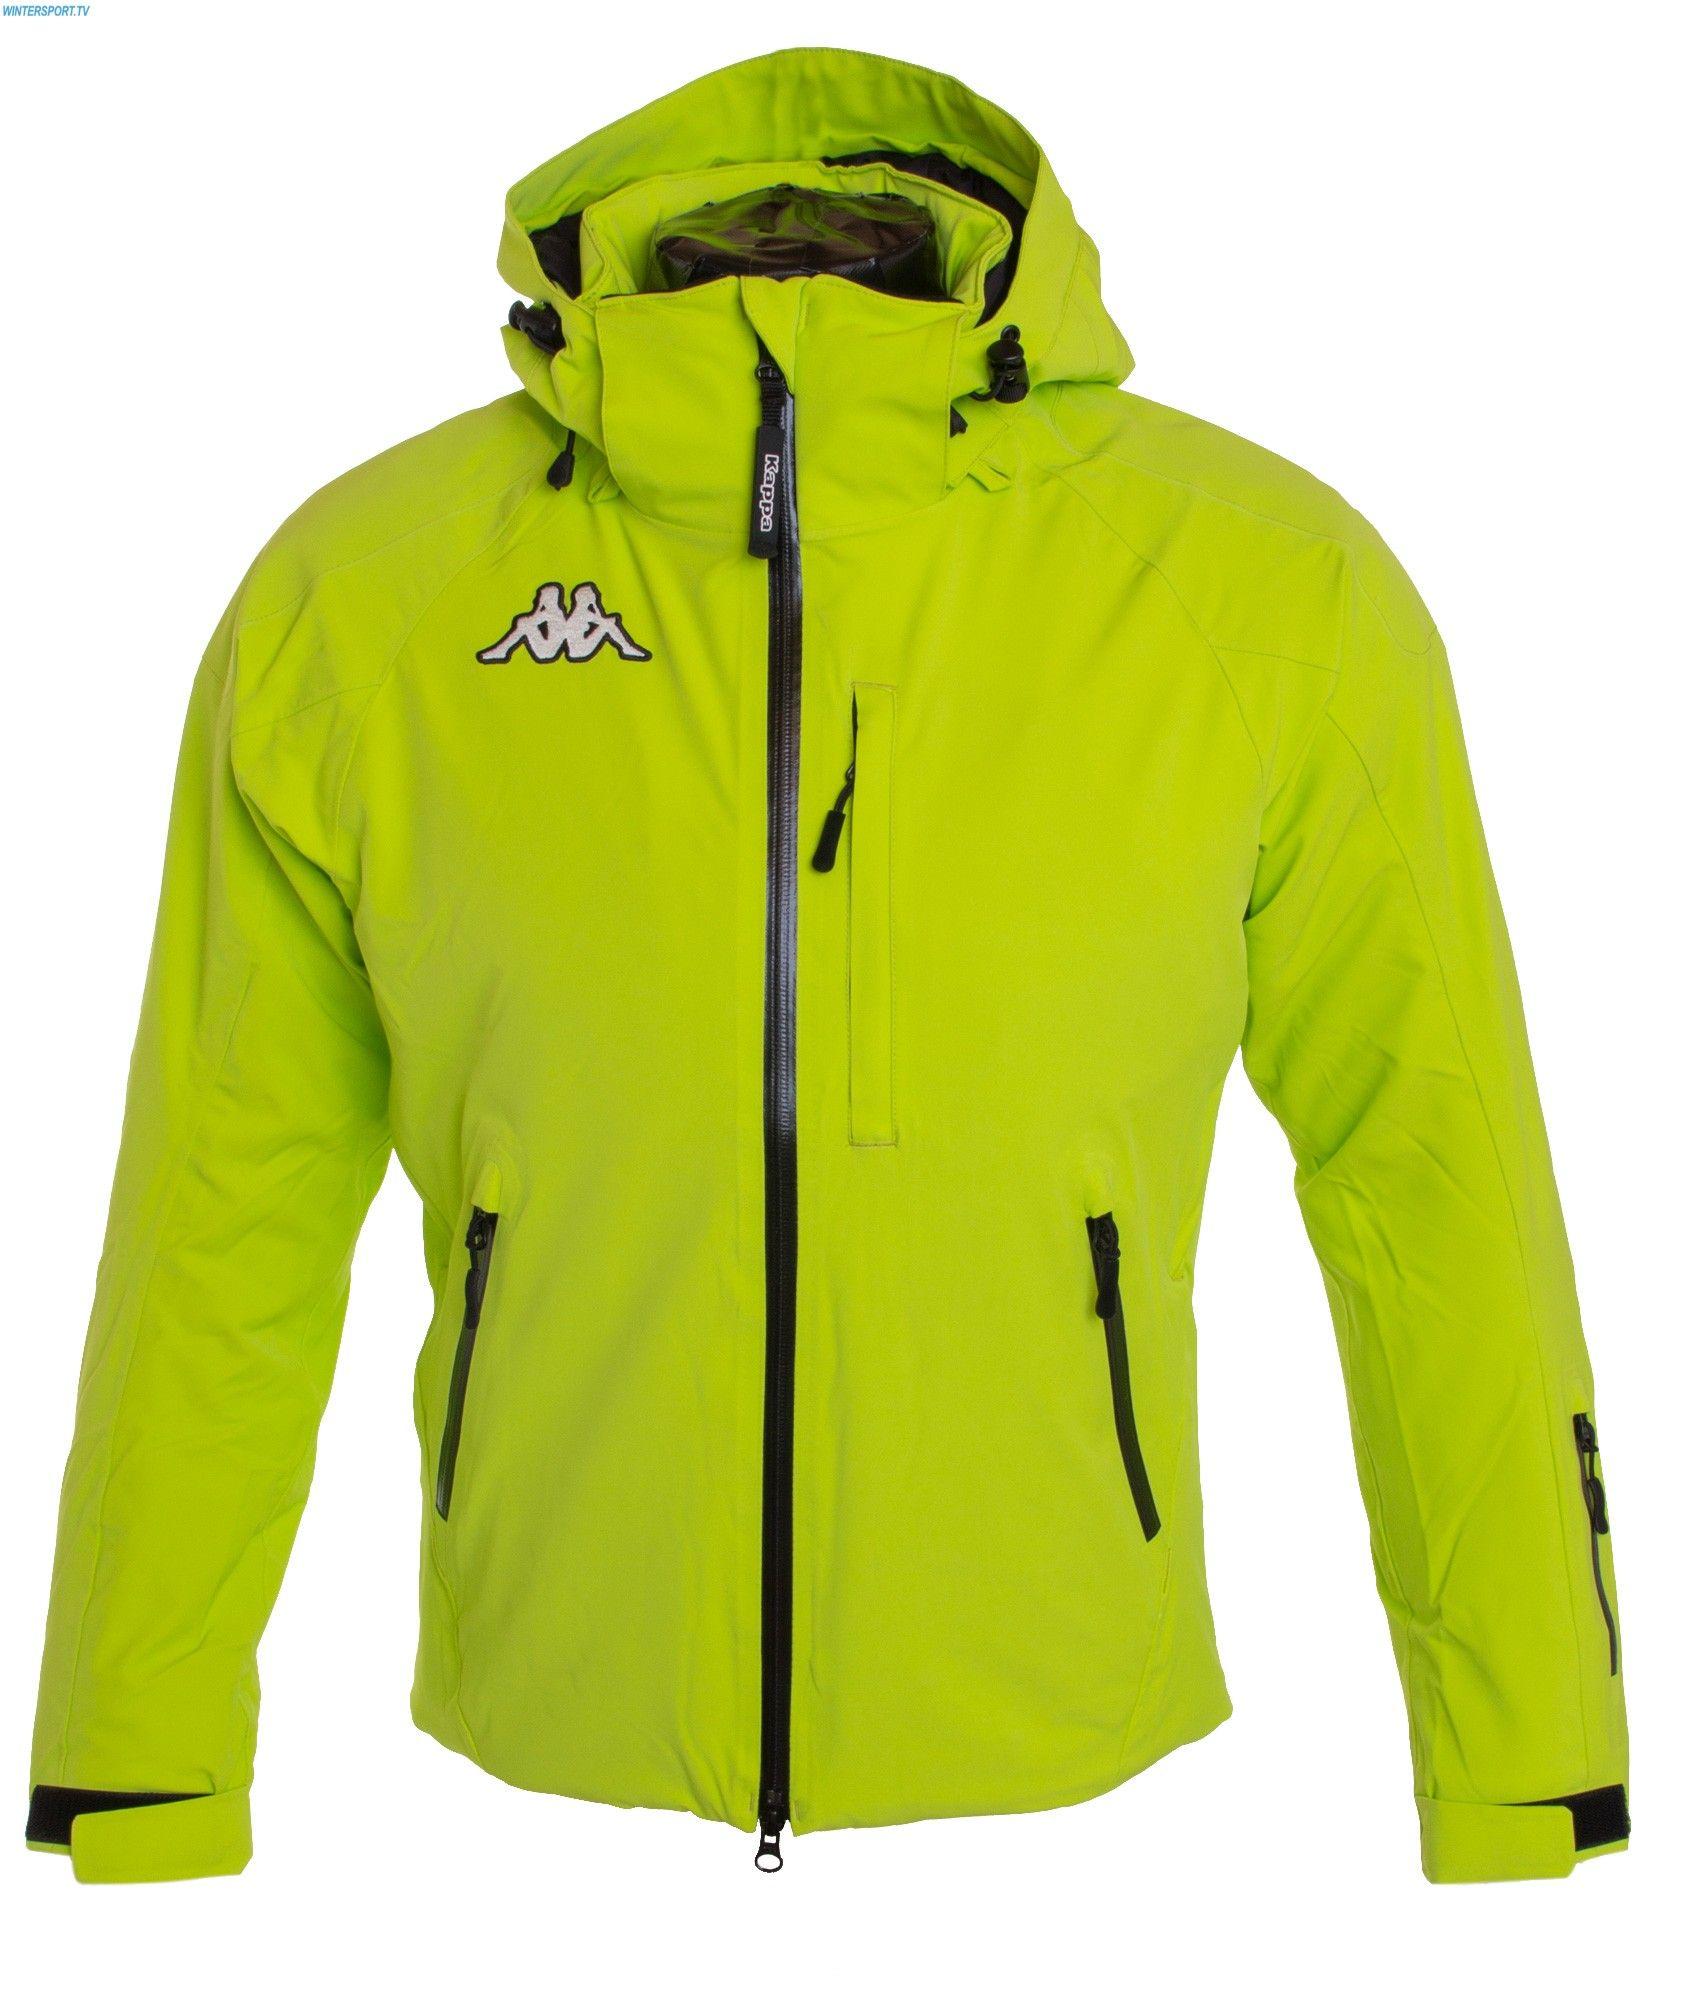 auf Füßen Aufnahmen von preisreduziert neu kommen an Kappa Men 6Cento 650 Jacket – Green Lime | Chaquetas, Ropa